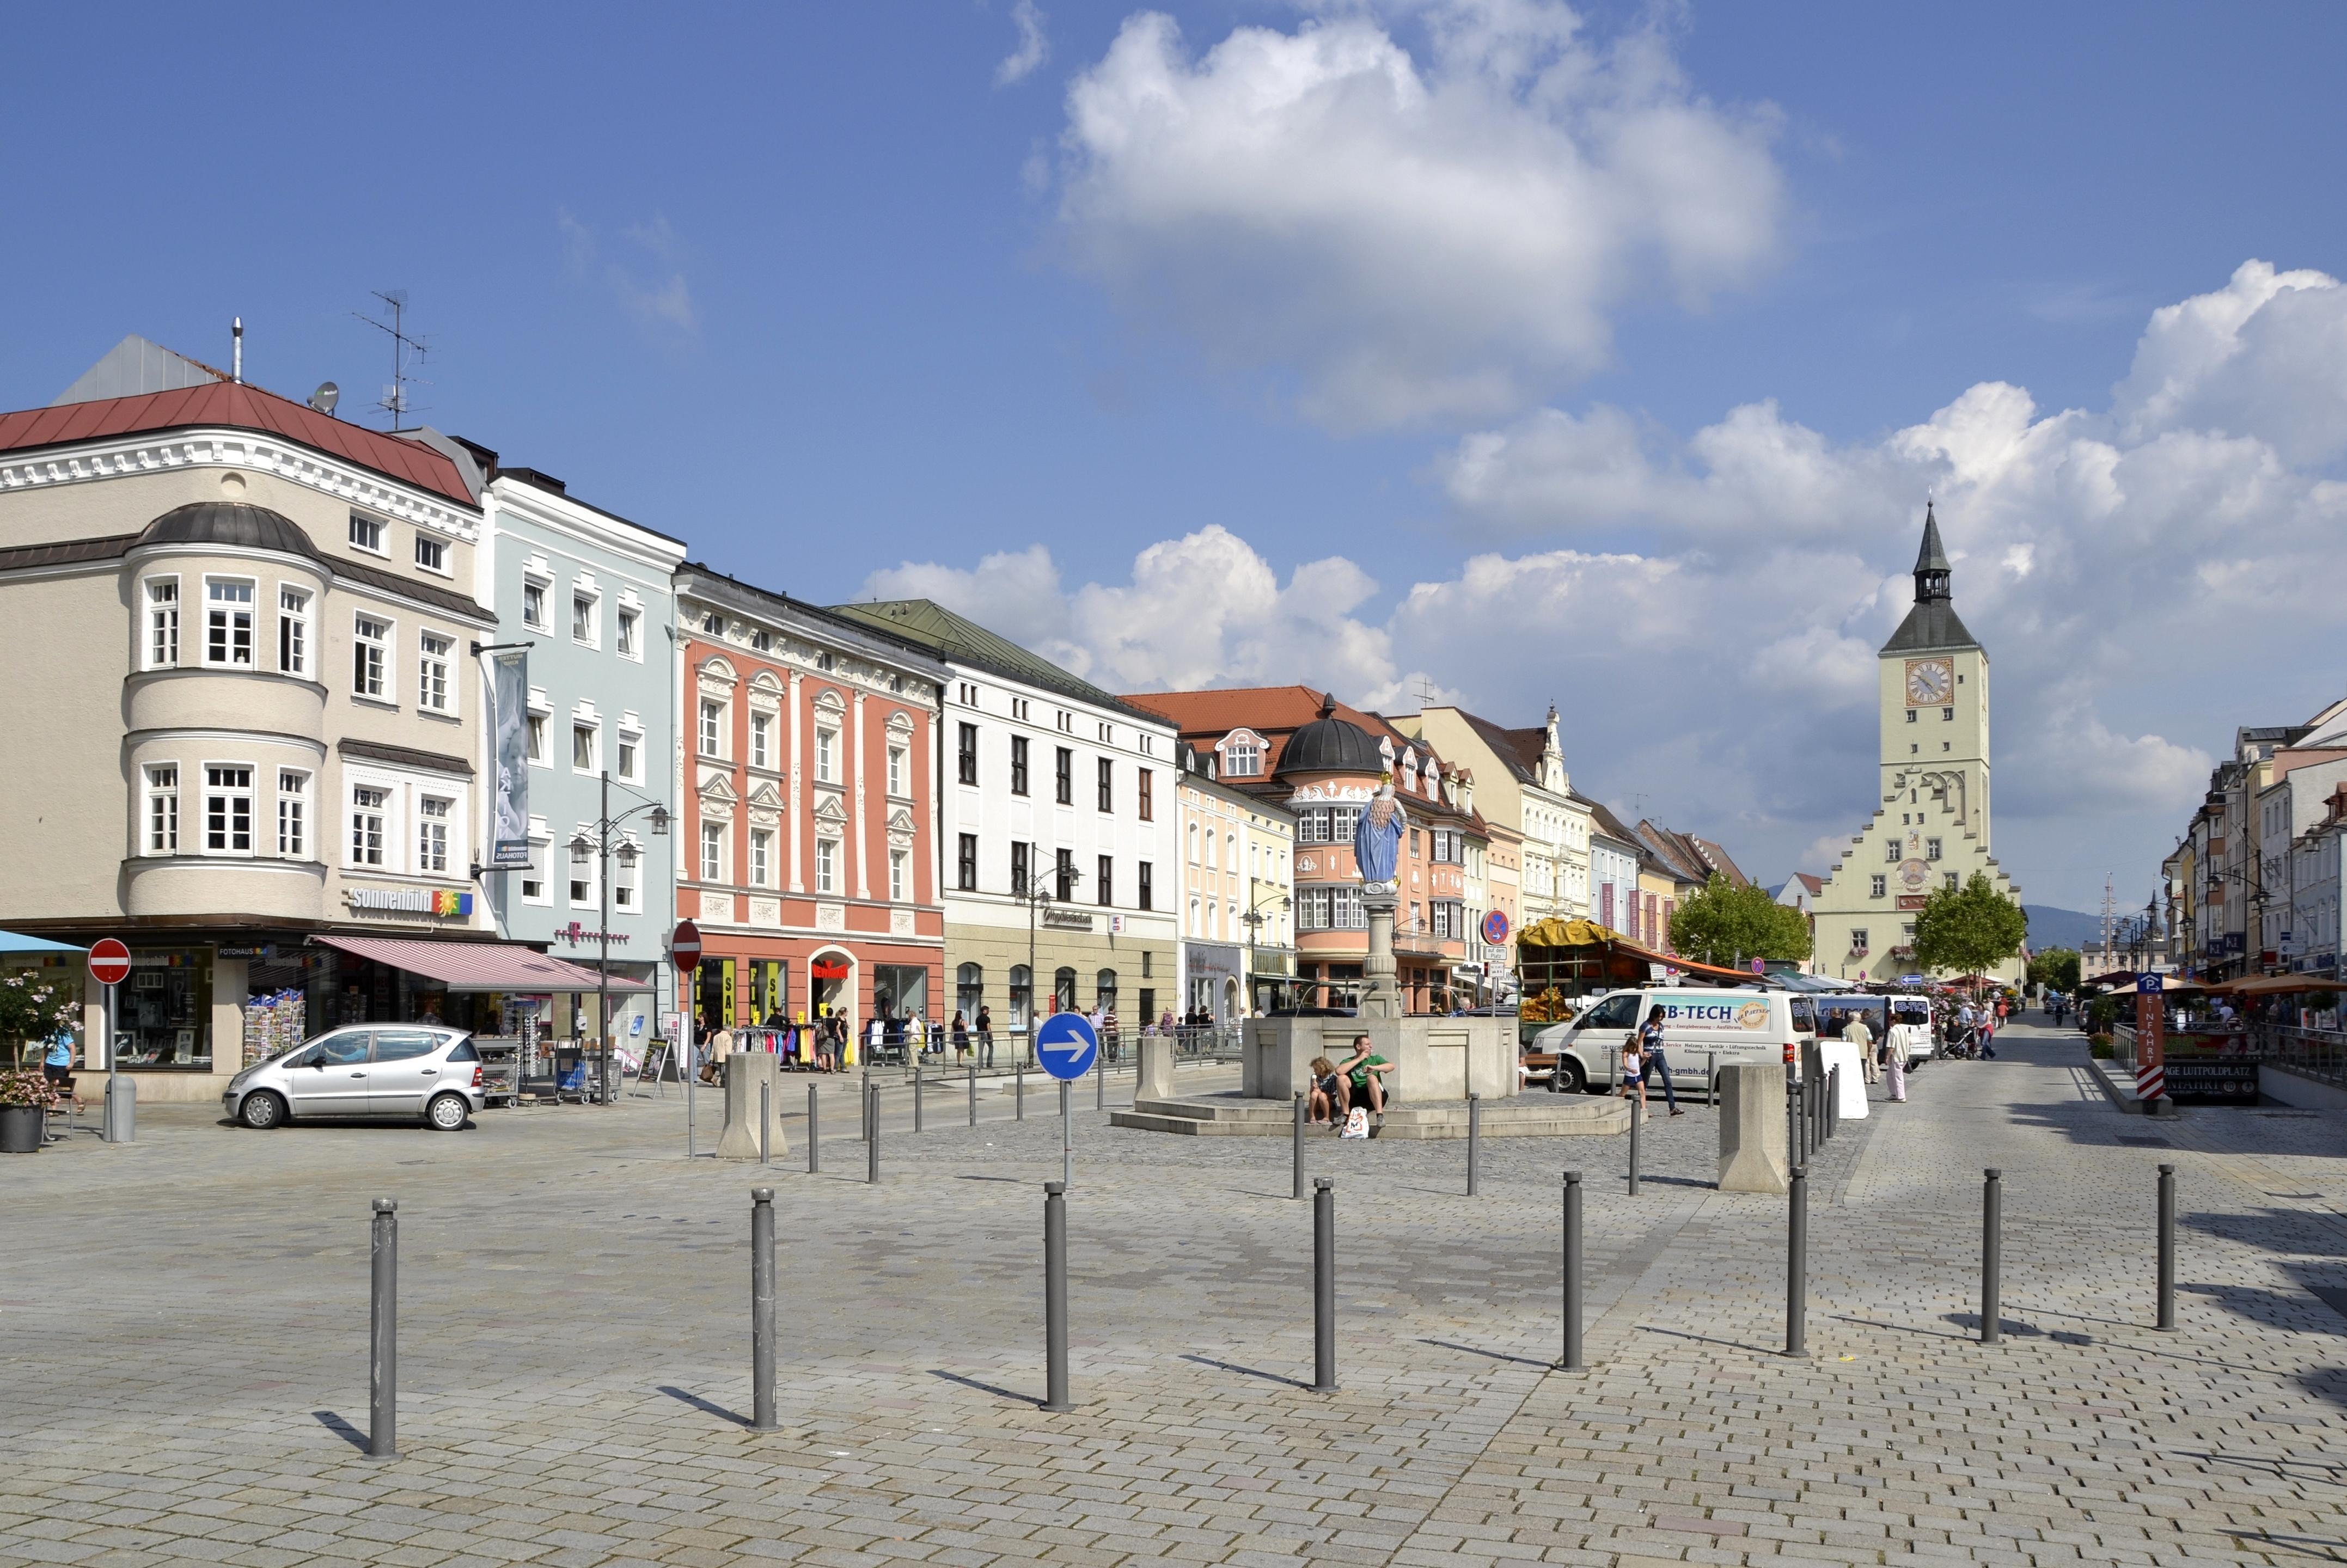 File:Stadtplatz von Deggendorf -04.jpg